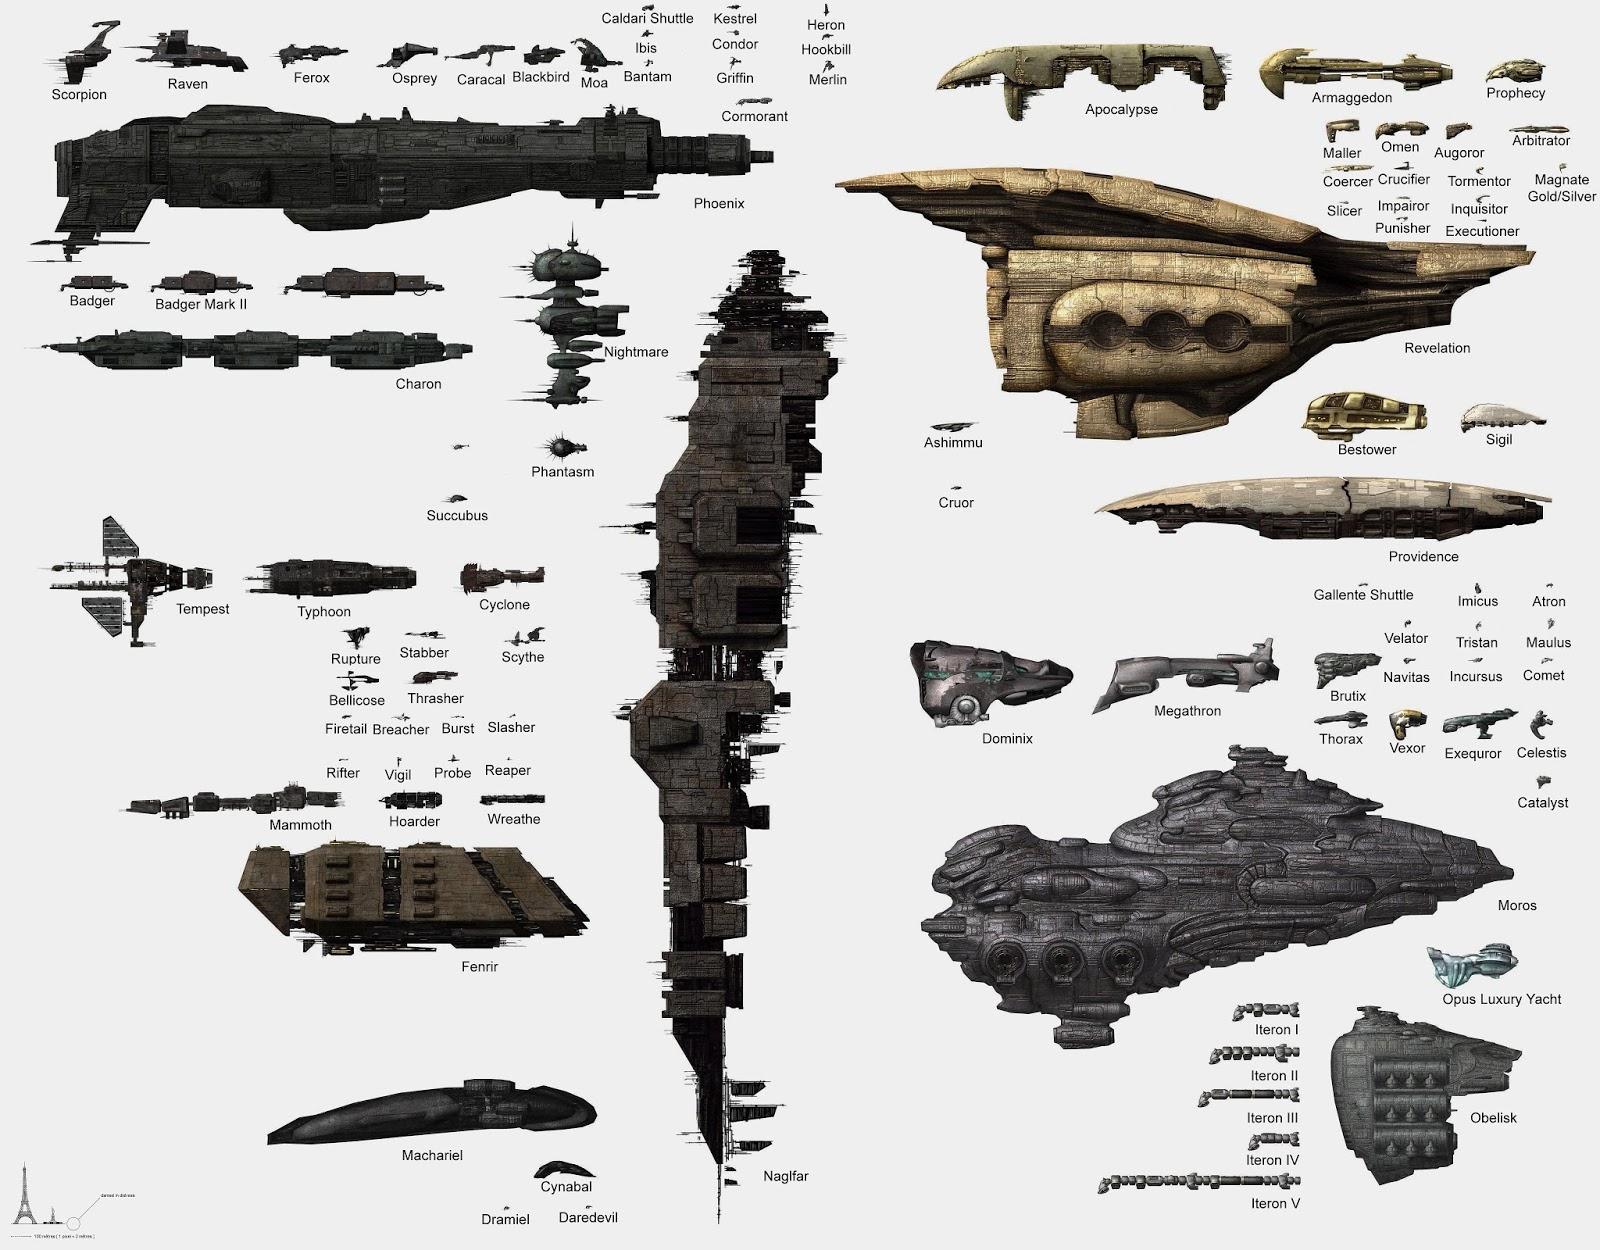 Connu Calypso 1577: Vaisseaux spatiaux de NT6 - Tailles comparées HV65